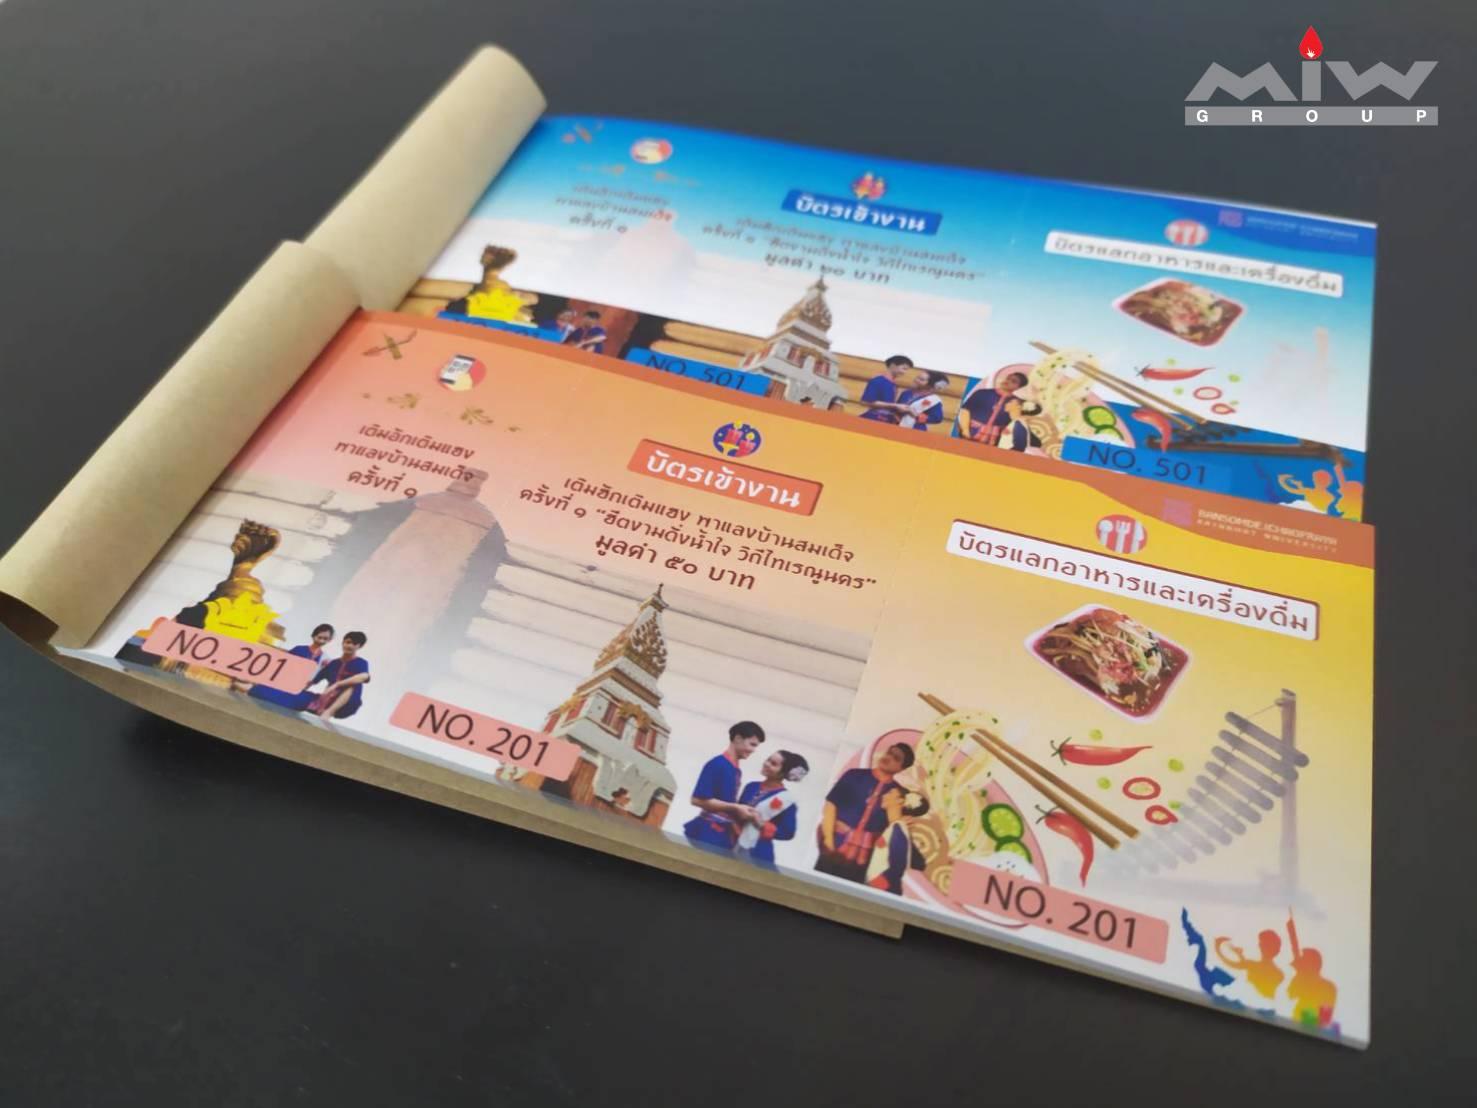 234192 - งานคูปองบัตรเข้างานเติมฮักเติมแฮง พาแลงบ้านสมเด็จ